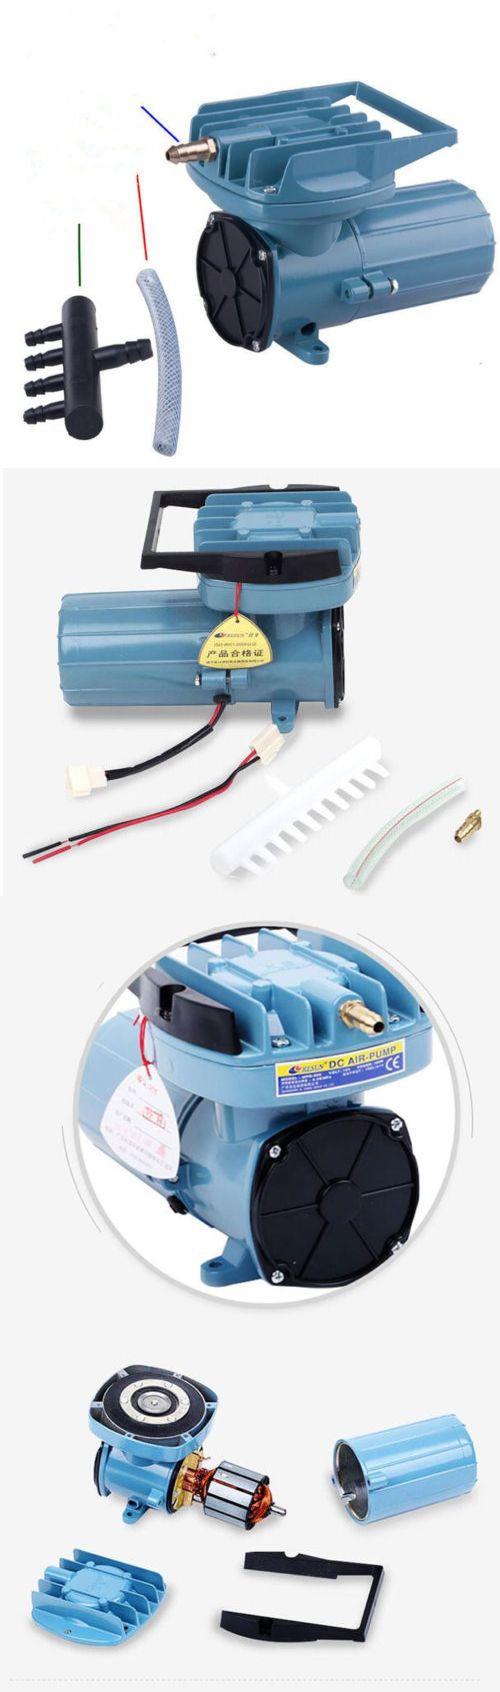 Pumps air 100351 us warehous120w compressor air pump hydroponics aquarium inflated aerator dc12v